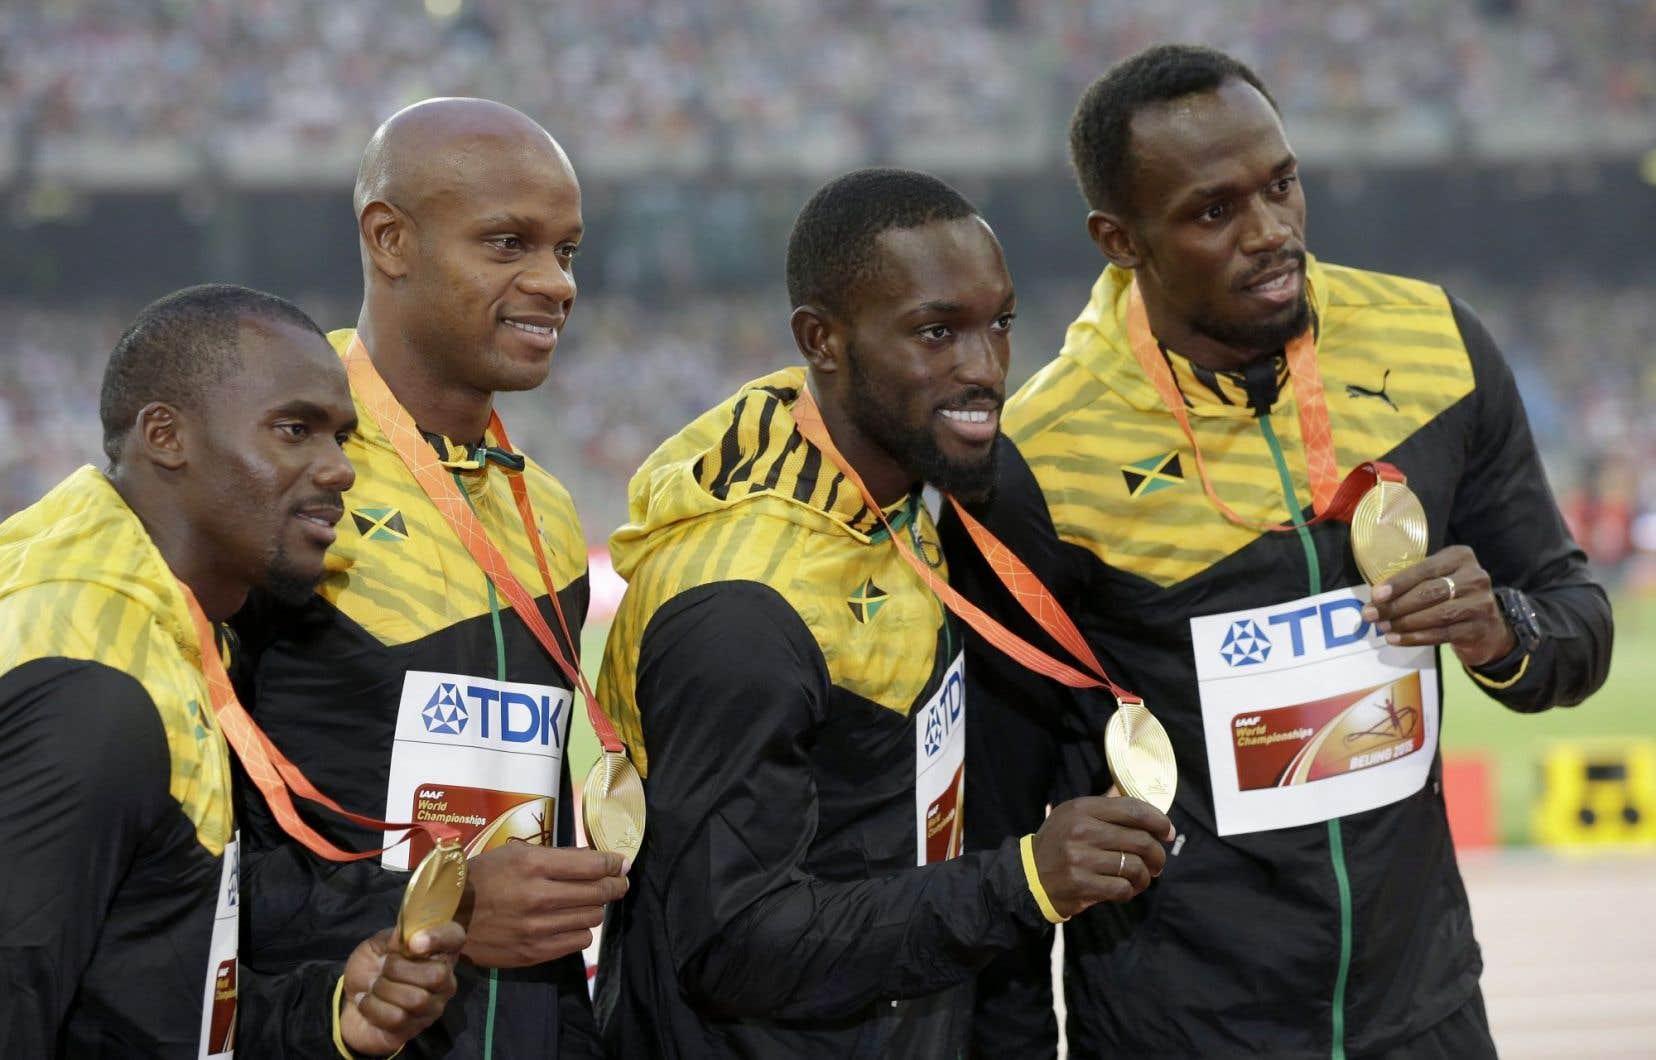 L'équipe jamaïquainedu relais 4 x 100 mètres, qui a remporté la course avec un chrono record de 37,10 secondes. À gauche, Nesta Carter.